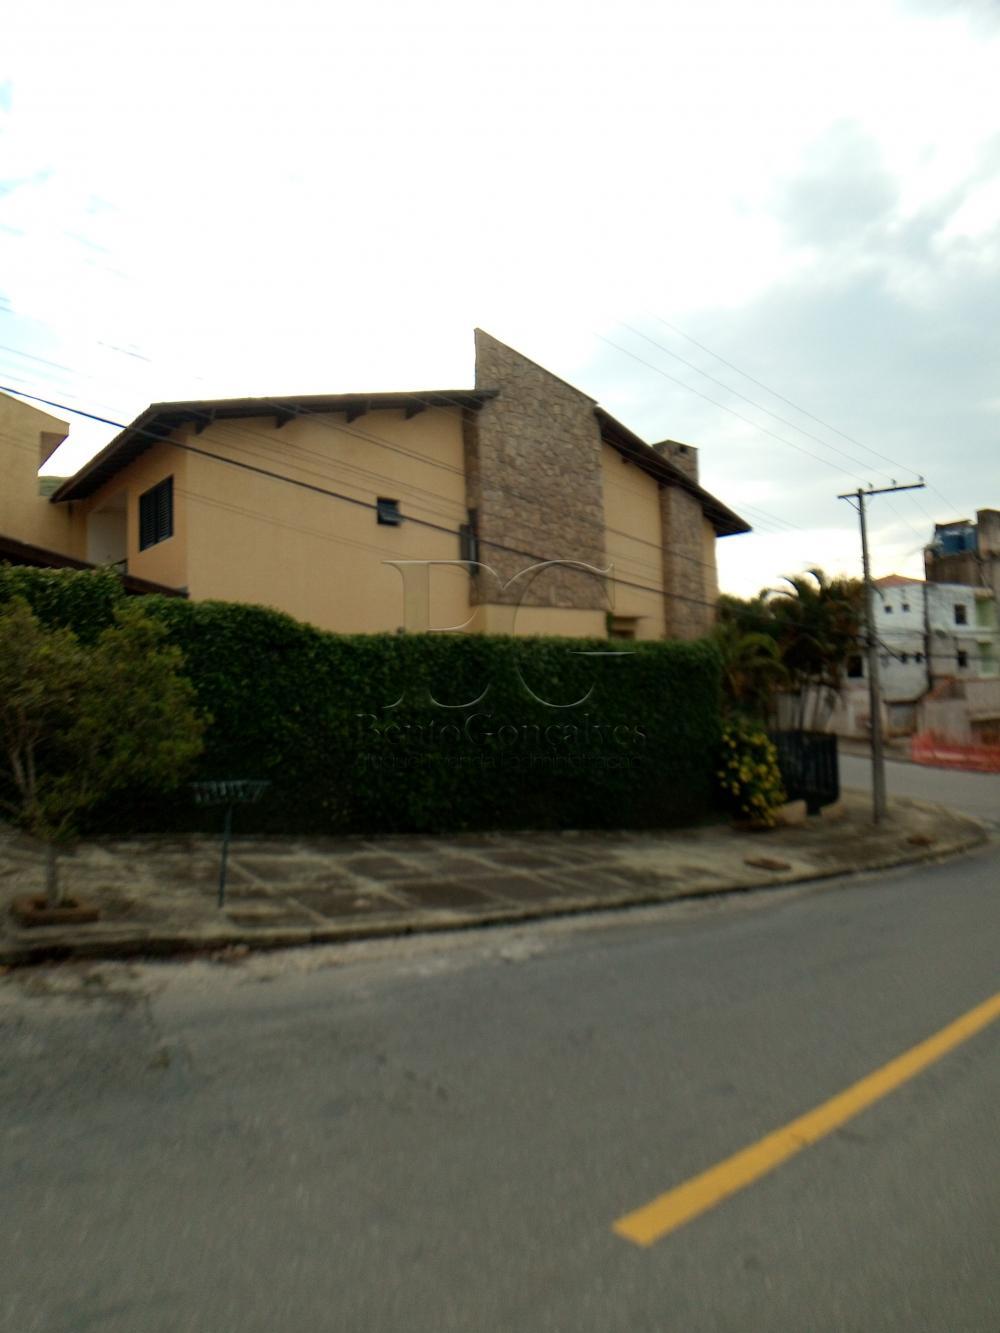 Comprar Casas / Padrão em Poços de Caldas apenas R$ 850.000,00 - Foto 2